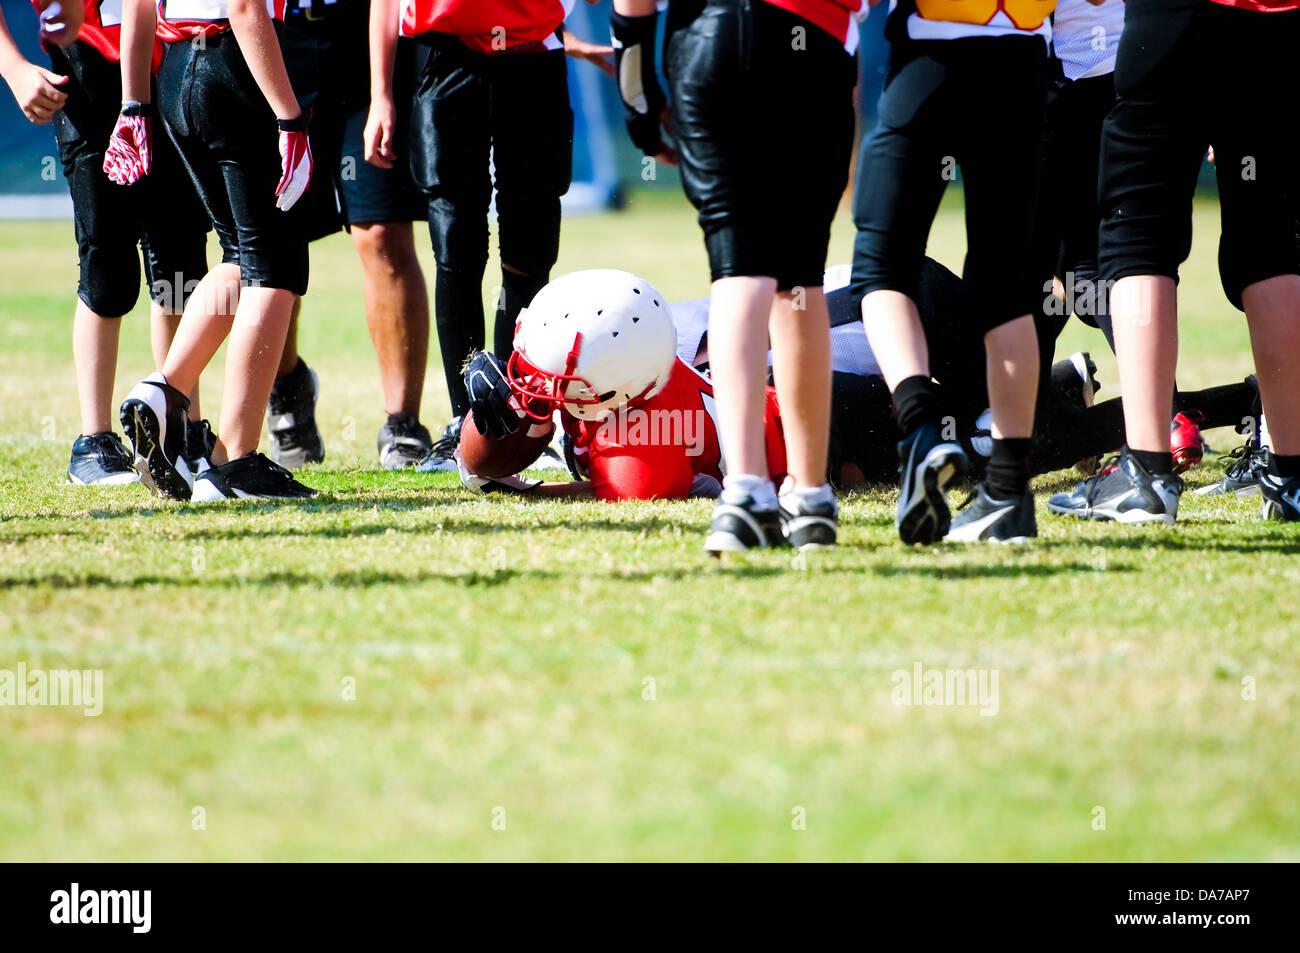 Abordó el fútbol boy en medio de un grupo de jugadores. Imagen De Stock